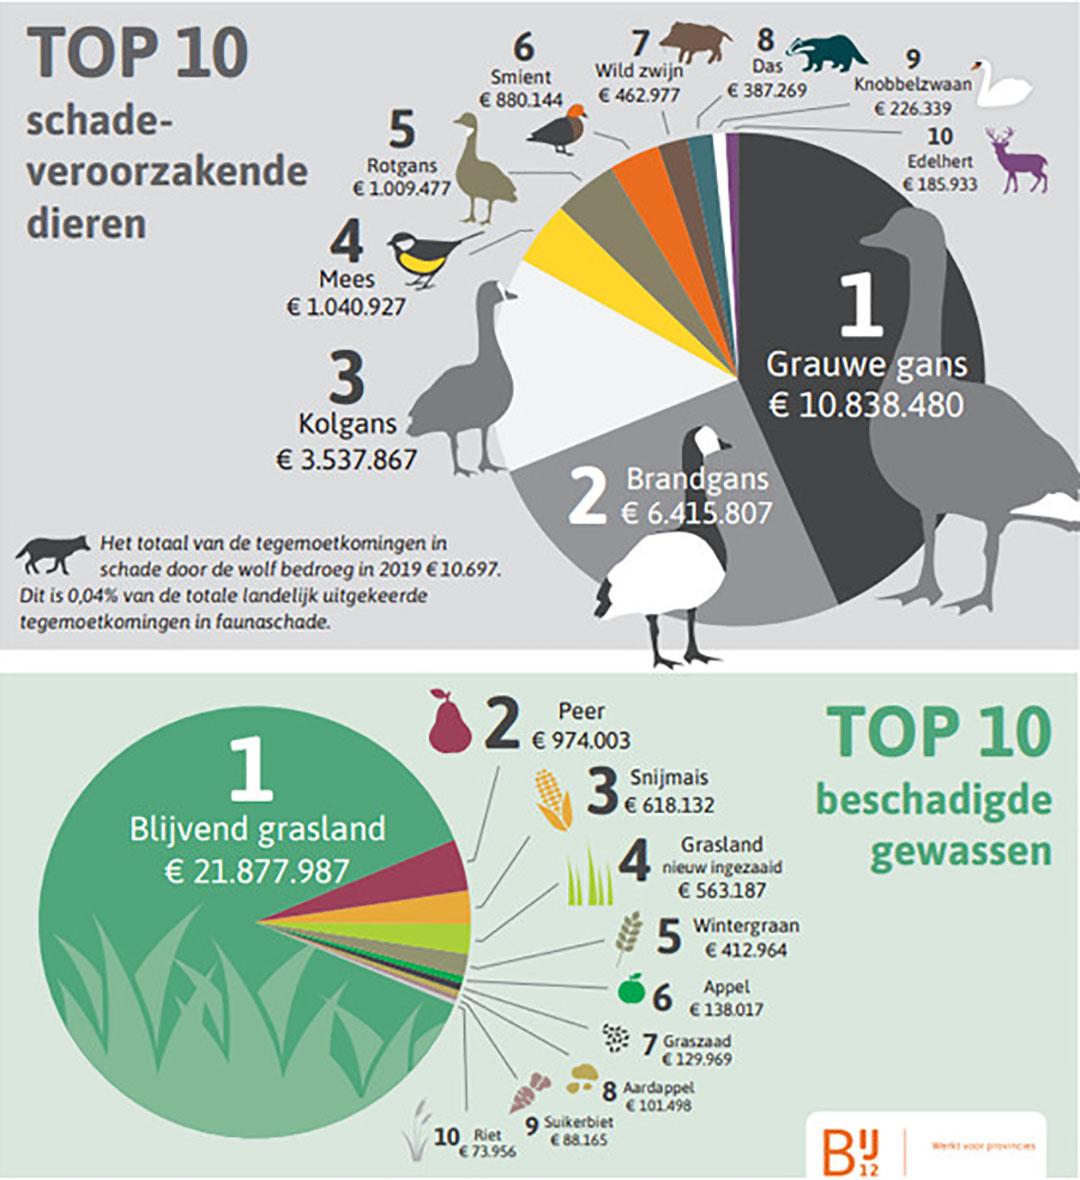 Top 10 schade veroorzakende dieren en top 10 beschadigde gewassen in 2019. - Illustratie: BIJ12